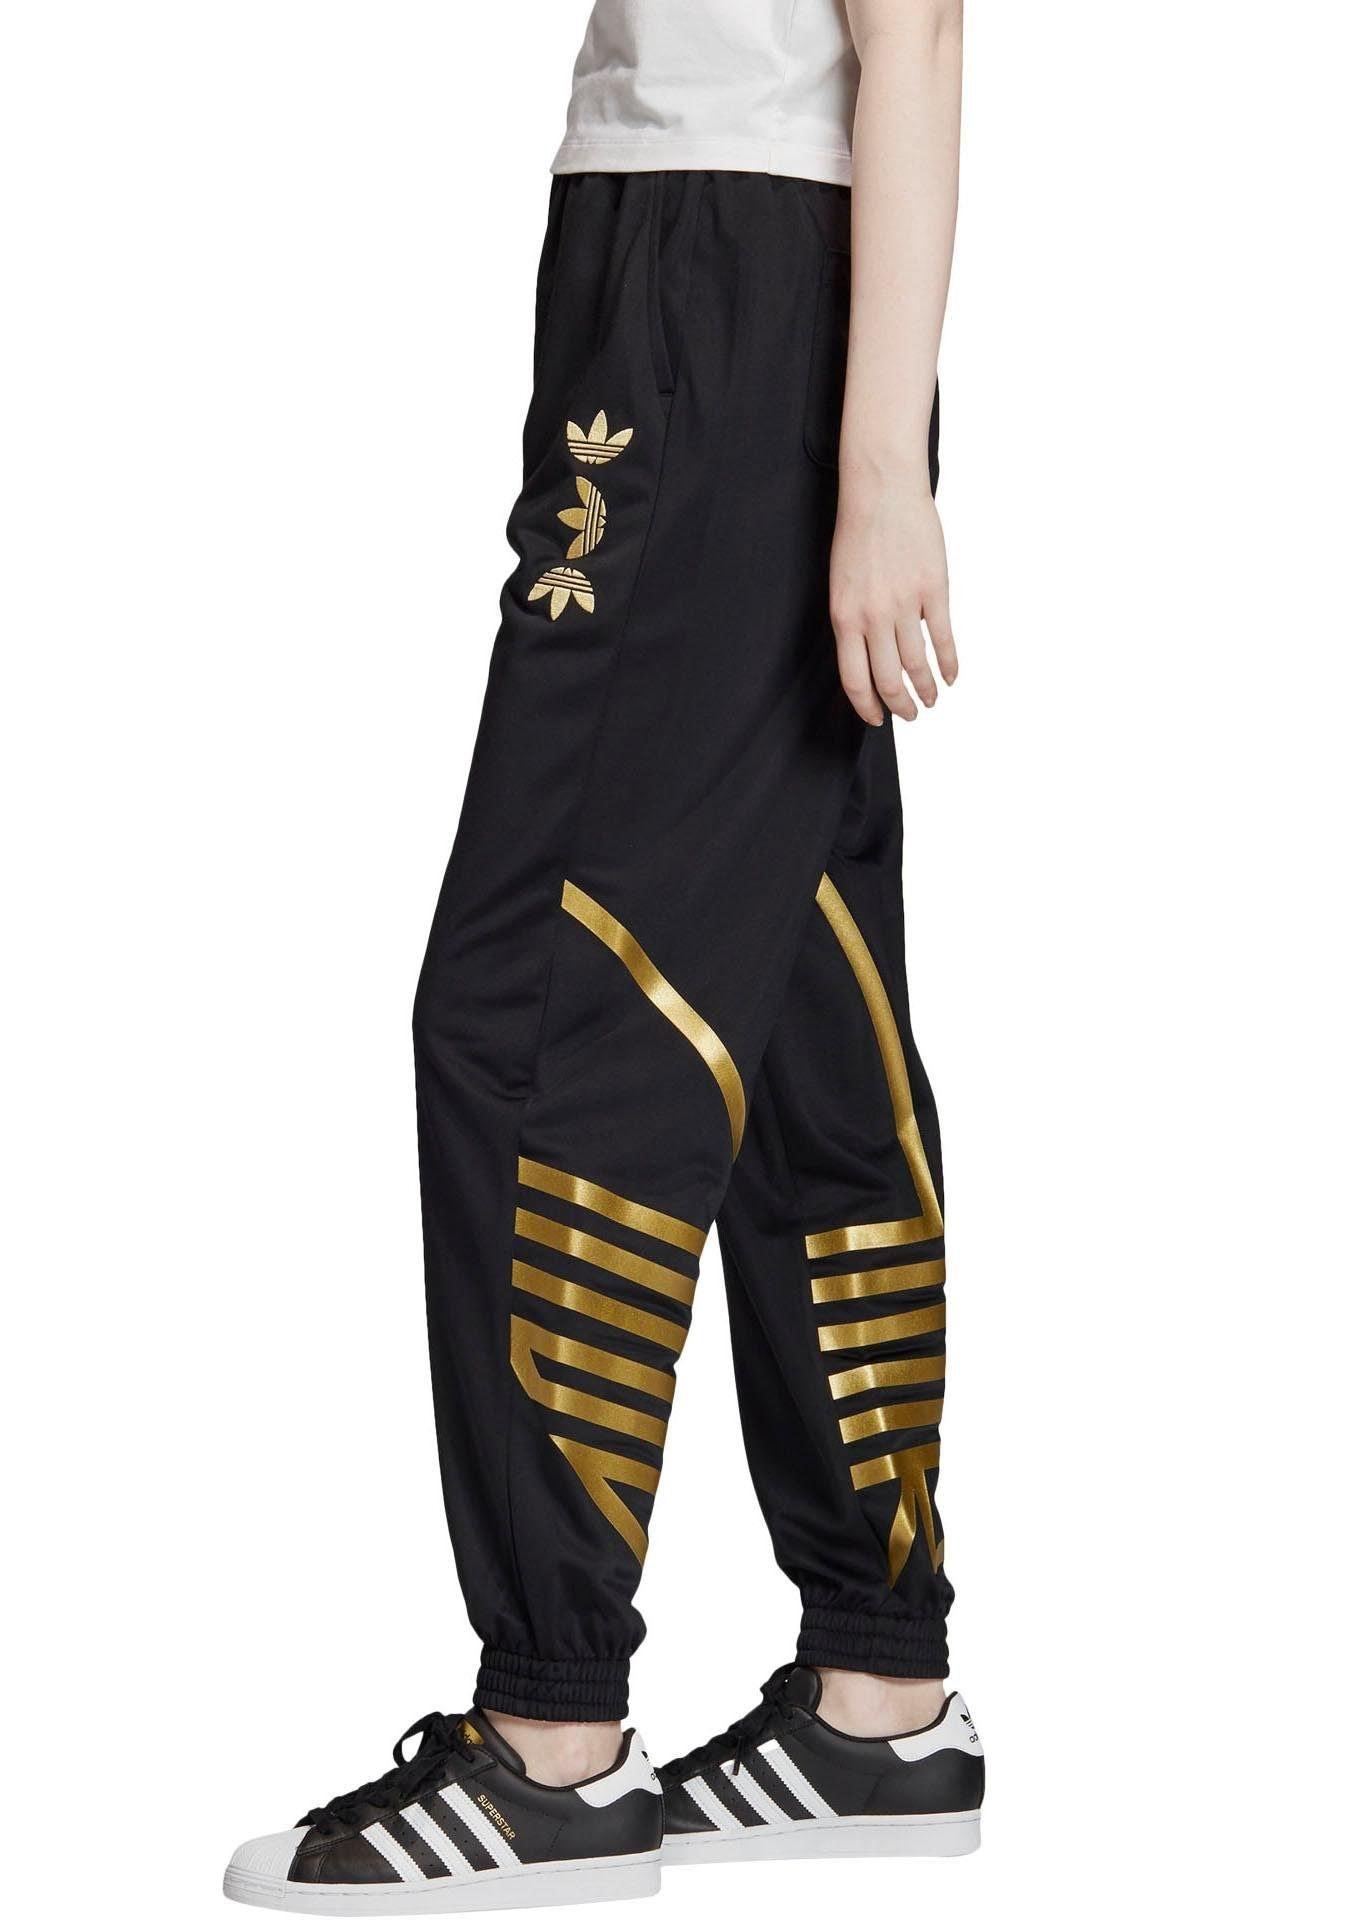 adidas originals sporthose large logo trackpant Jogginghose von adidas Originals AKLBB893826264